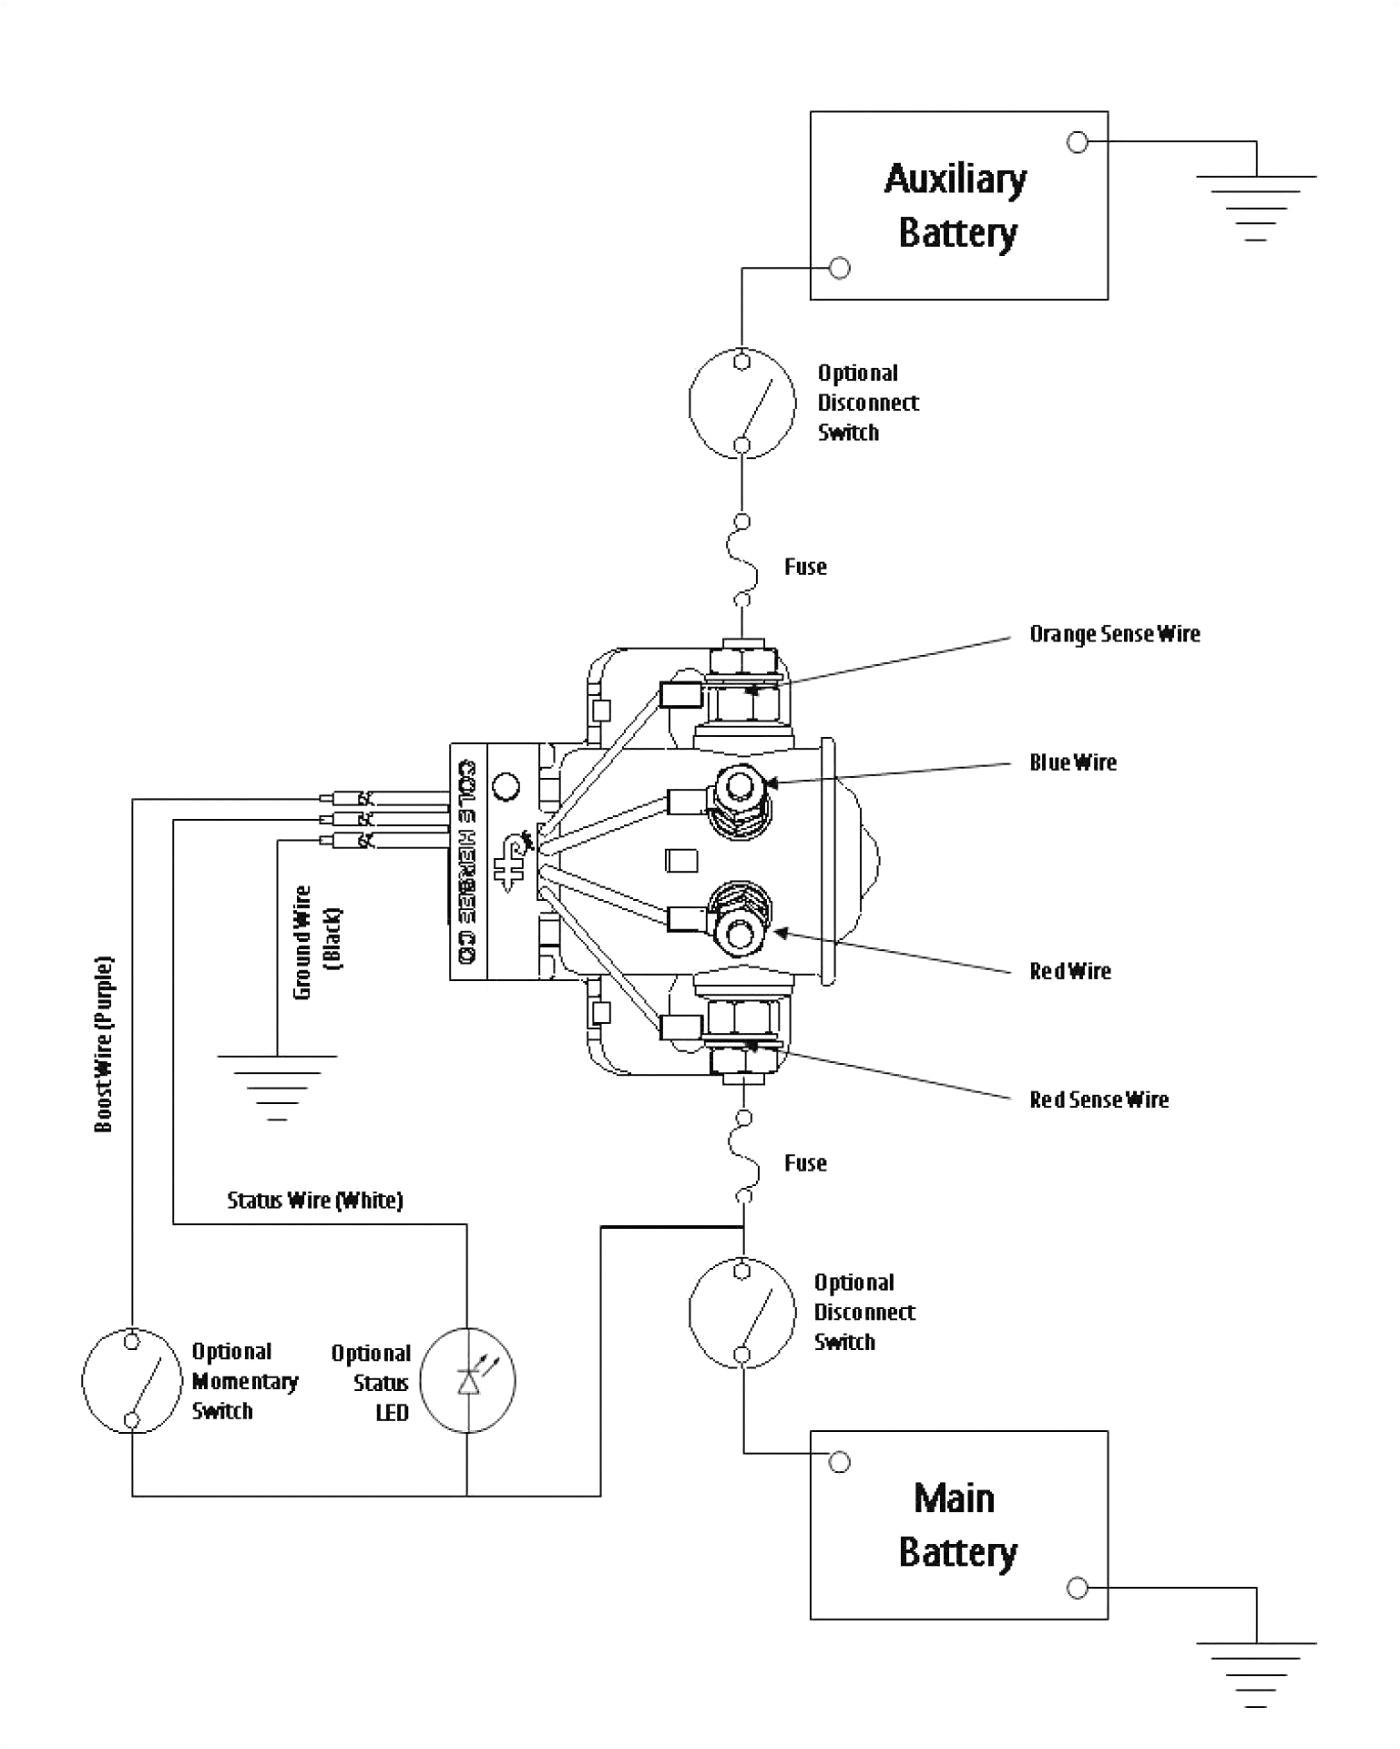 western plow solenoid wiring wiring diagram het old western plow solenoid wiring diagram western plow solenoid wiring